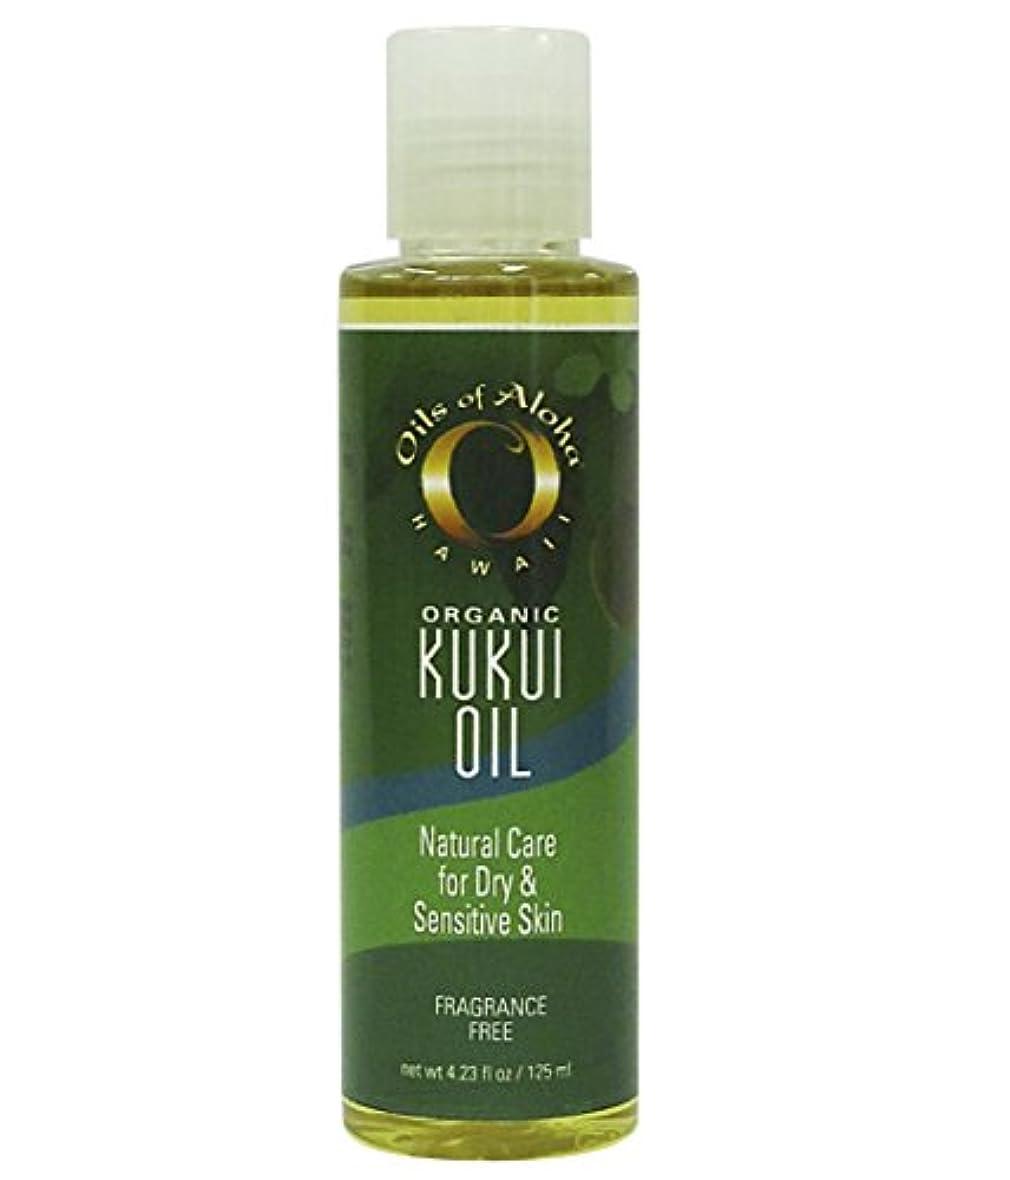 半ばシート到着Organic Kukui Skin Oil